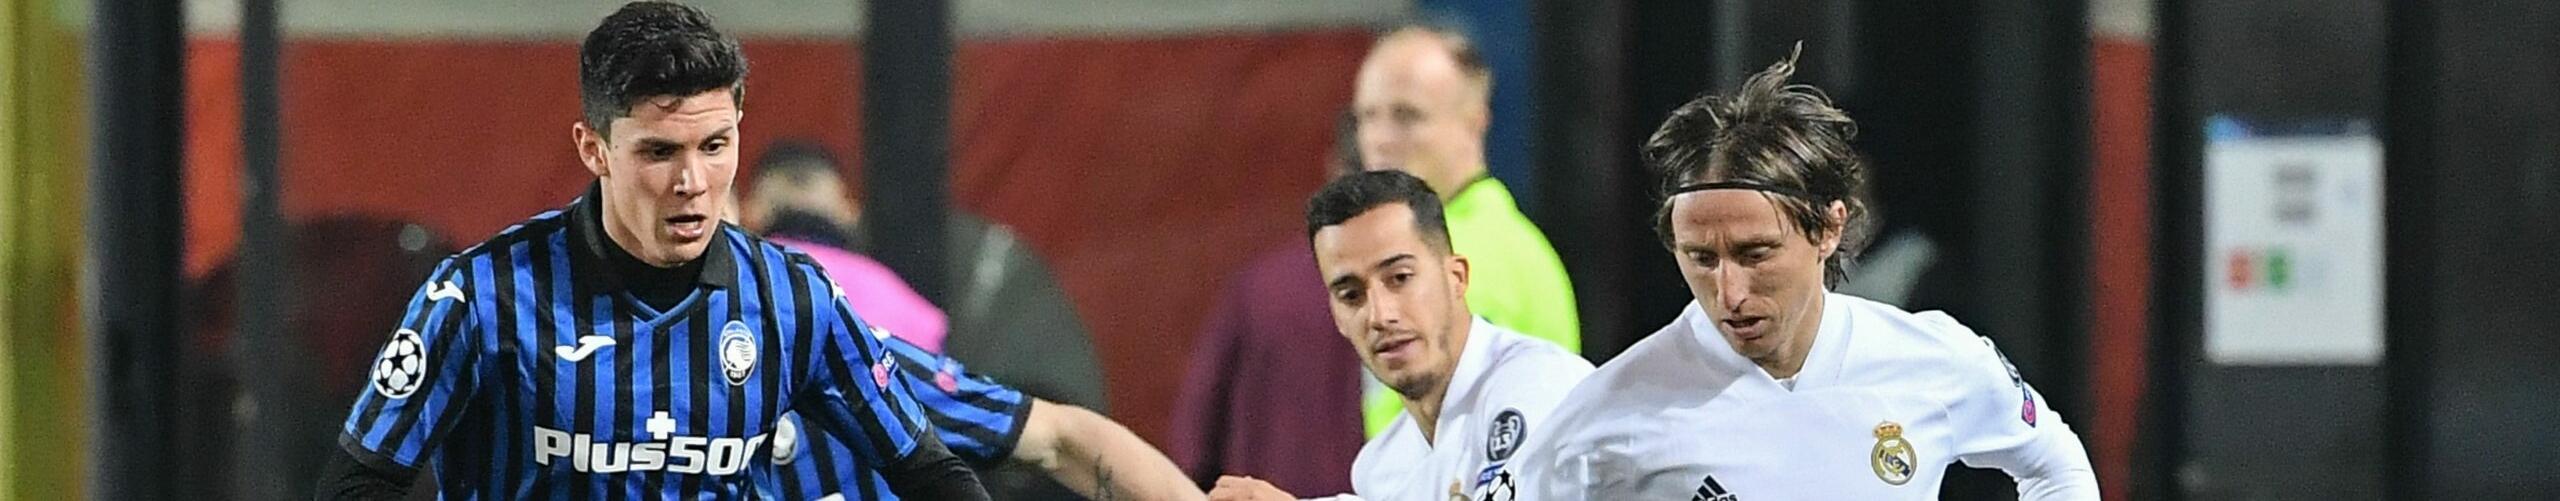 Real Madrid-Atalanta, per la Dea l'impresa è possibile